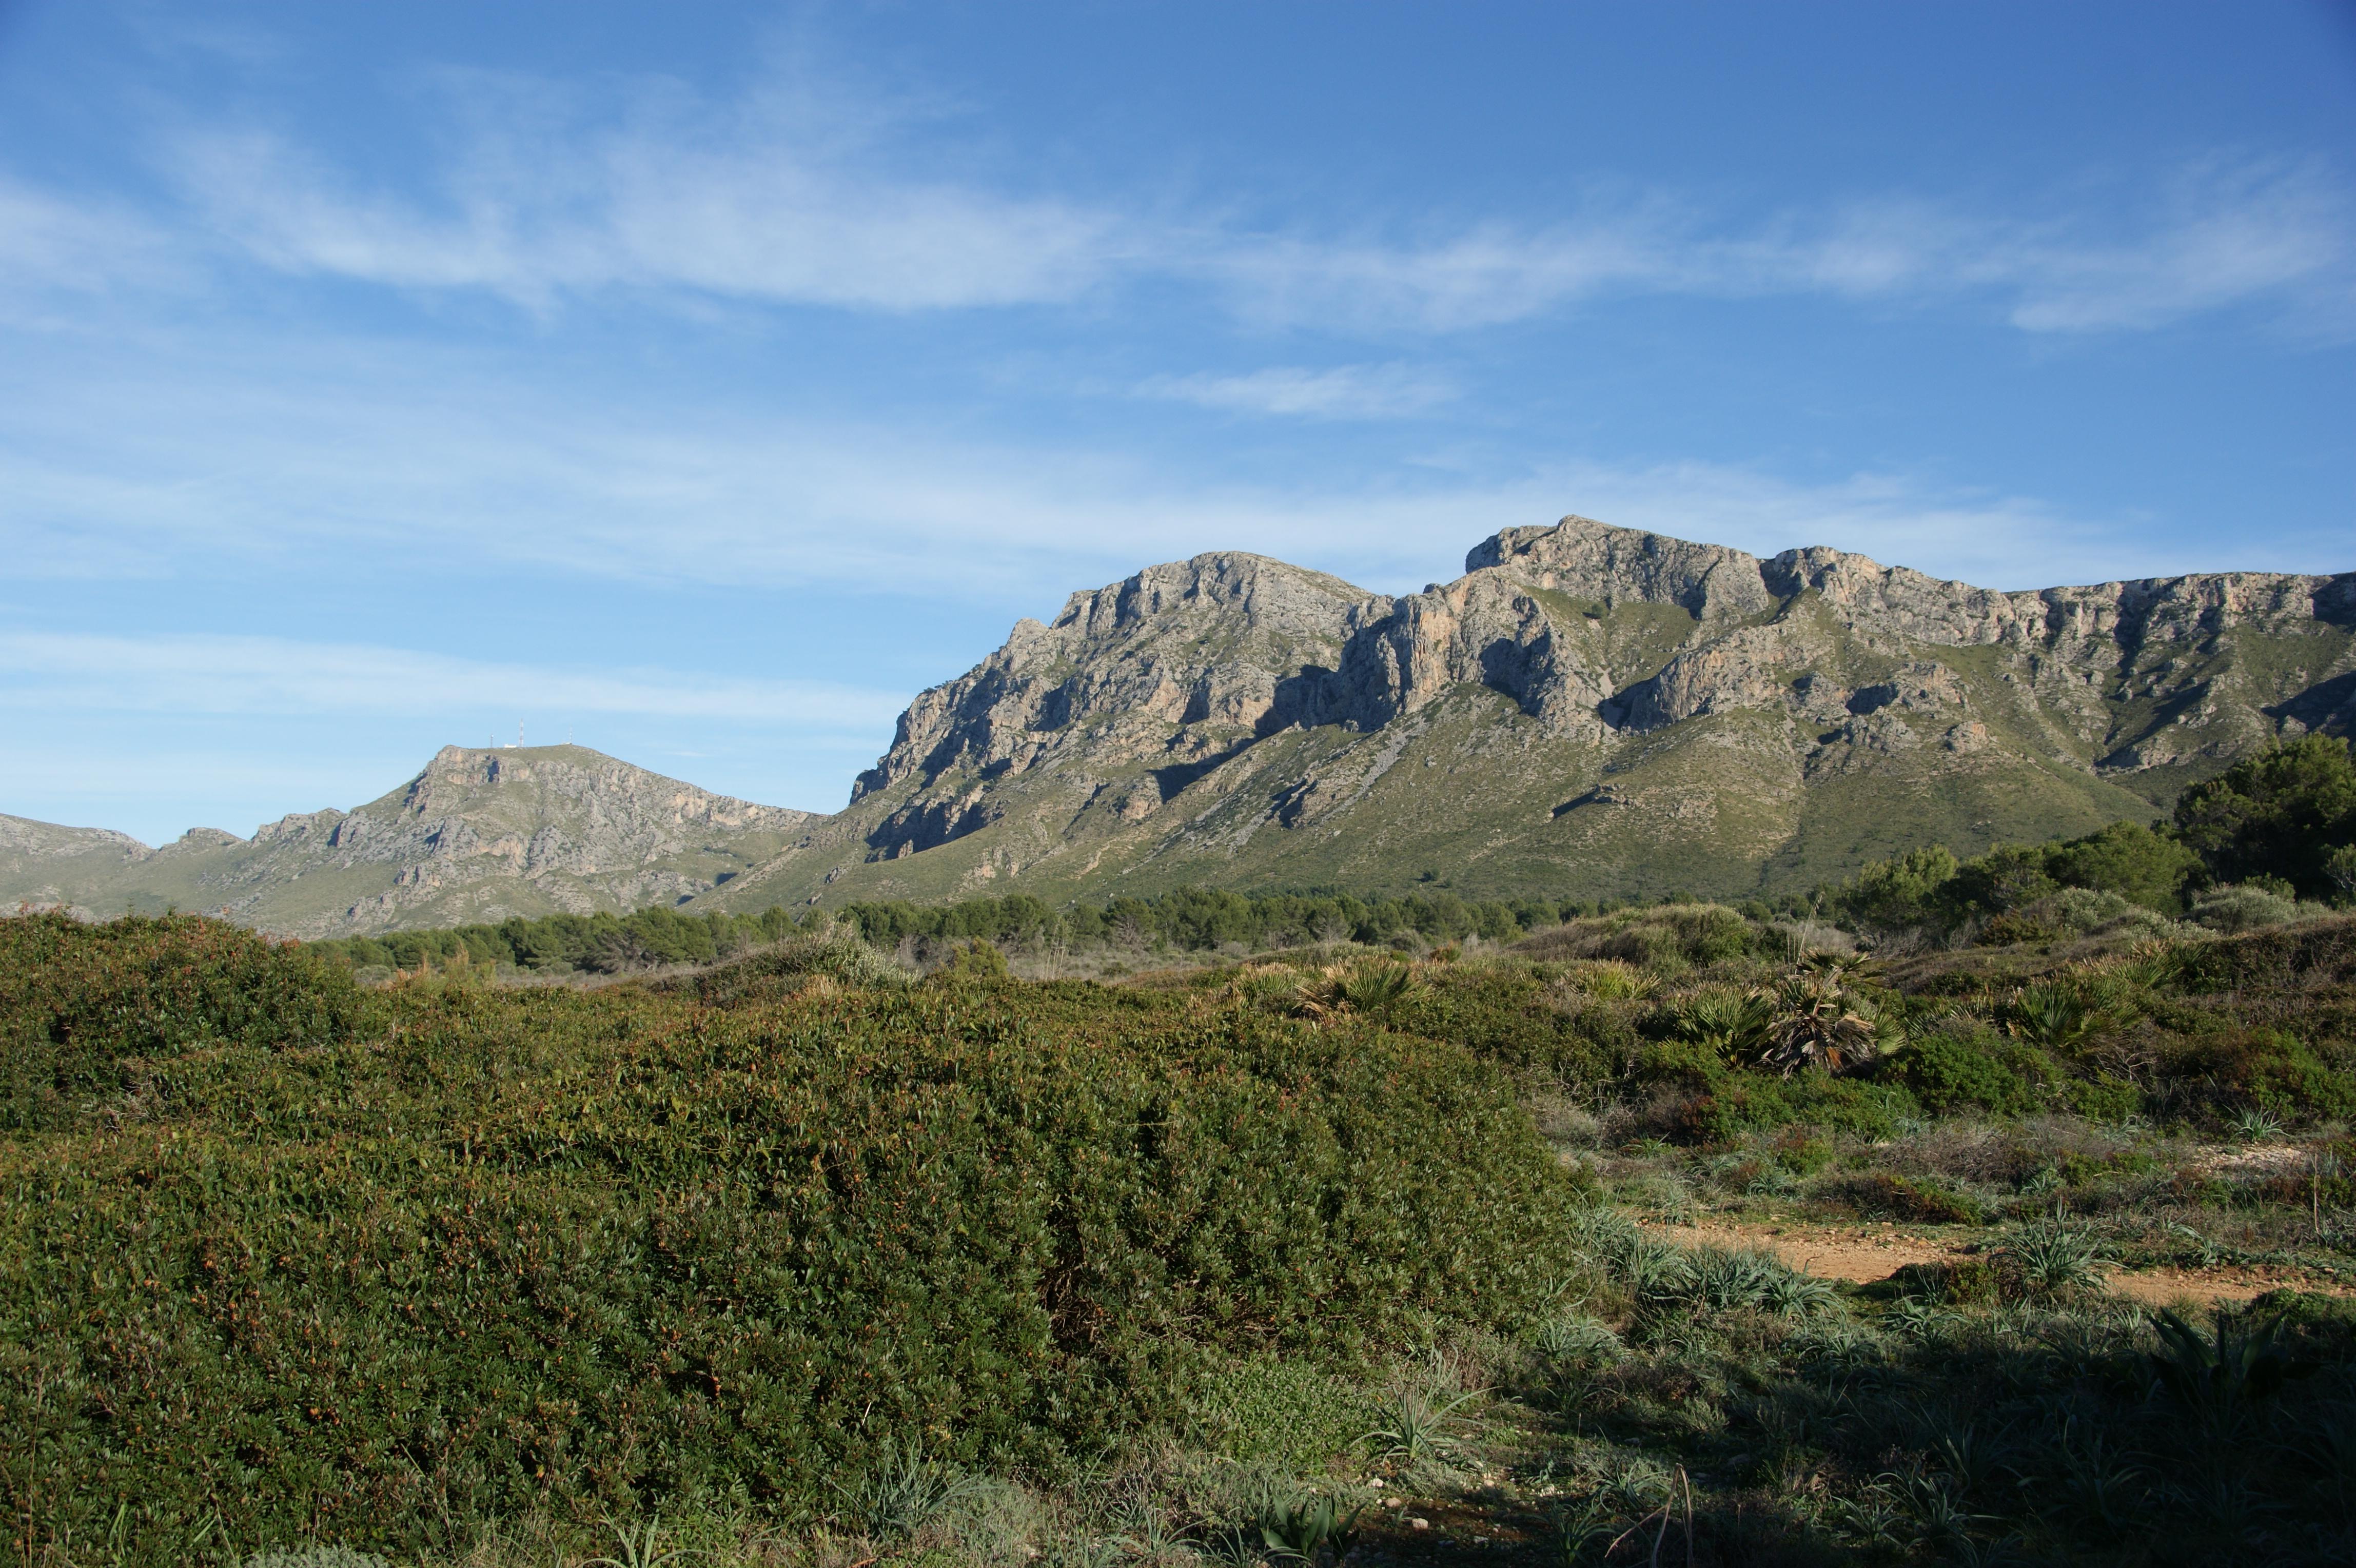 Naturschutzgebiet / natural park